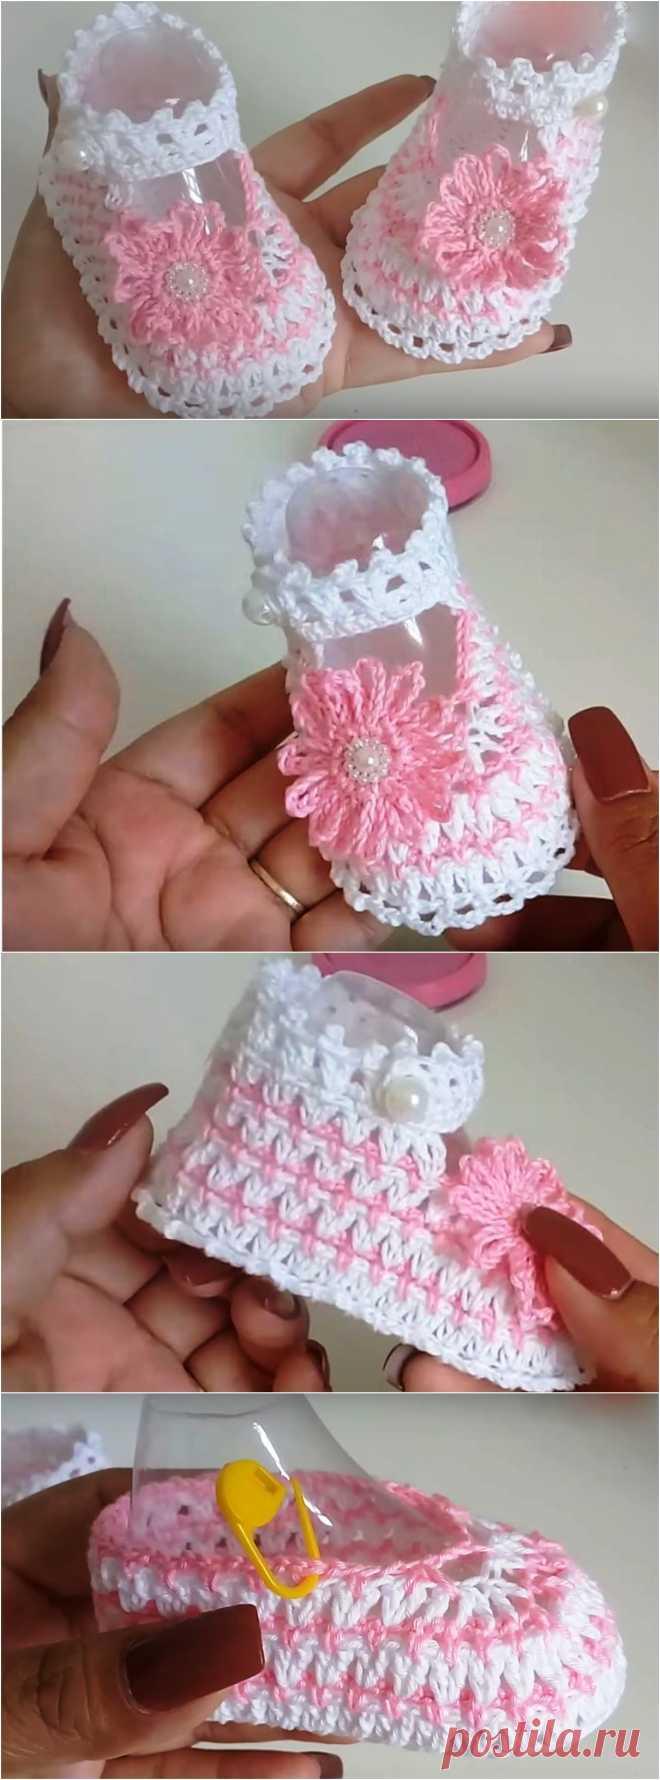 Связанные крючком детские туфли с цветком от 0 до 3 месяцев - Идеи вязания крючком